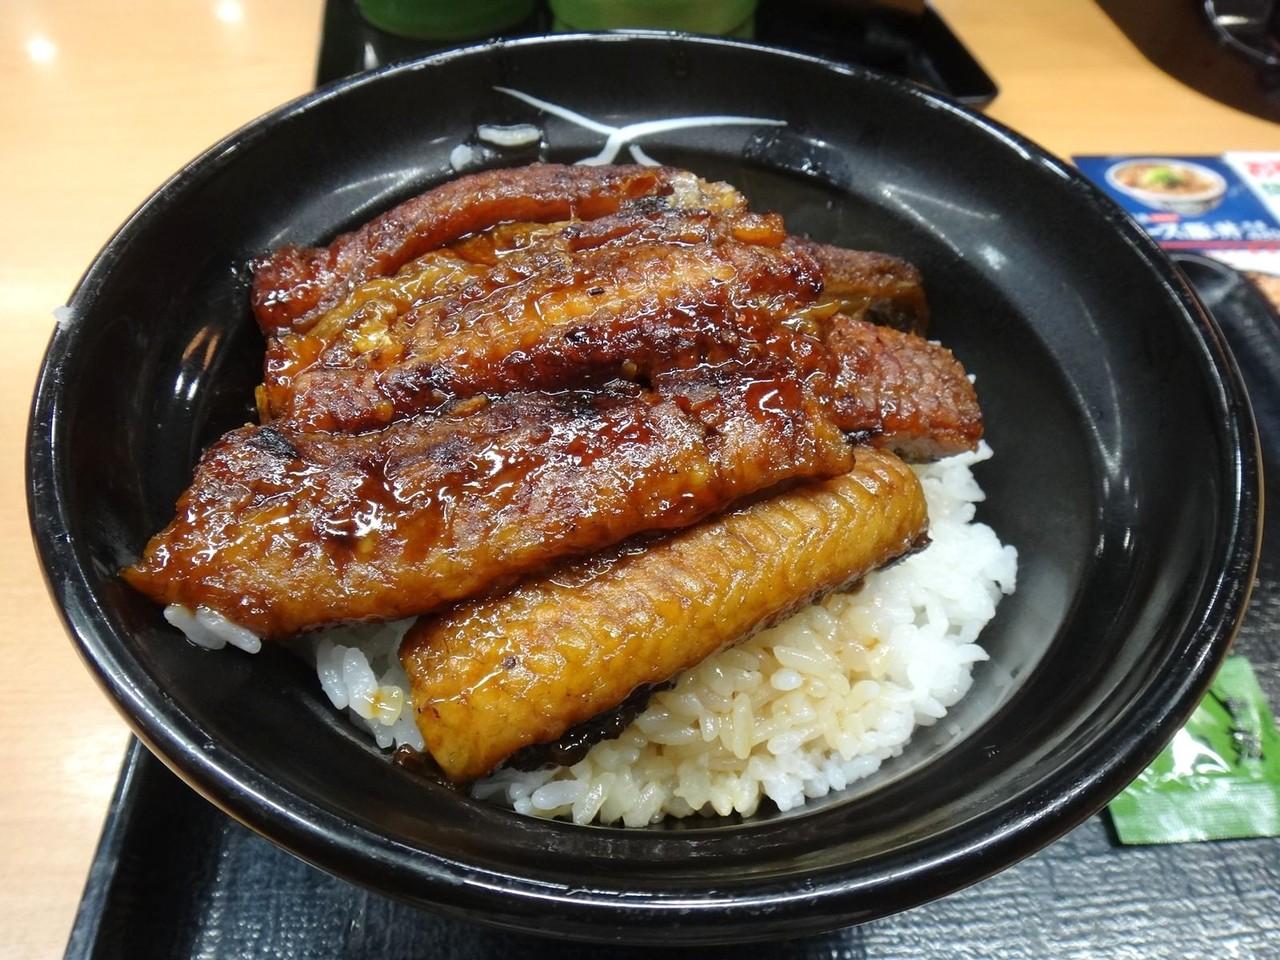 吉野家!の、二枚盛り鰻丼!食べました~!ぜいたく、ぜいたく~!_d0060693_192274.jpg